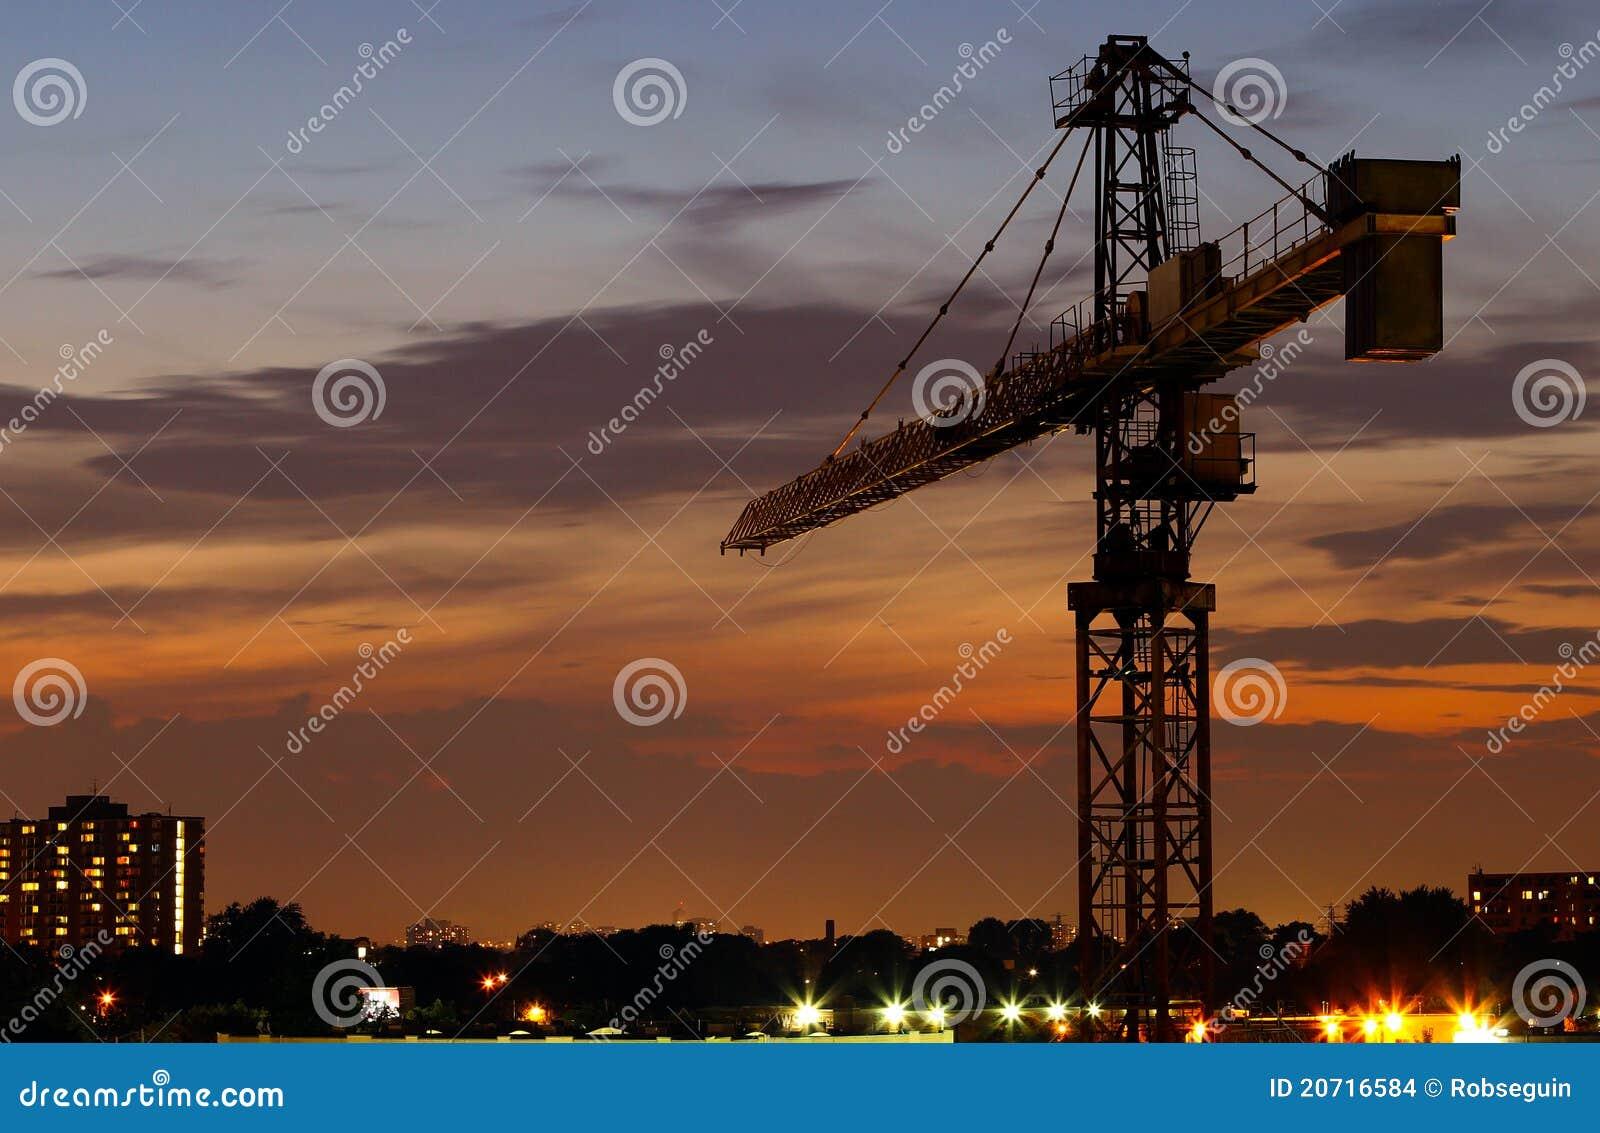 Budowy żurawia noc